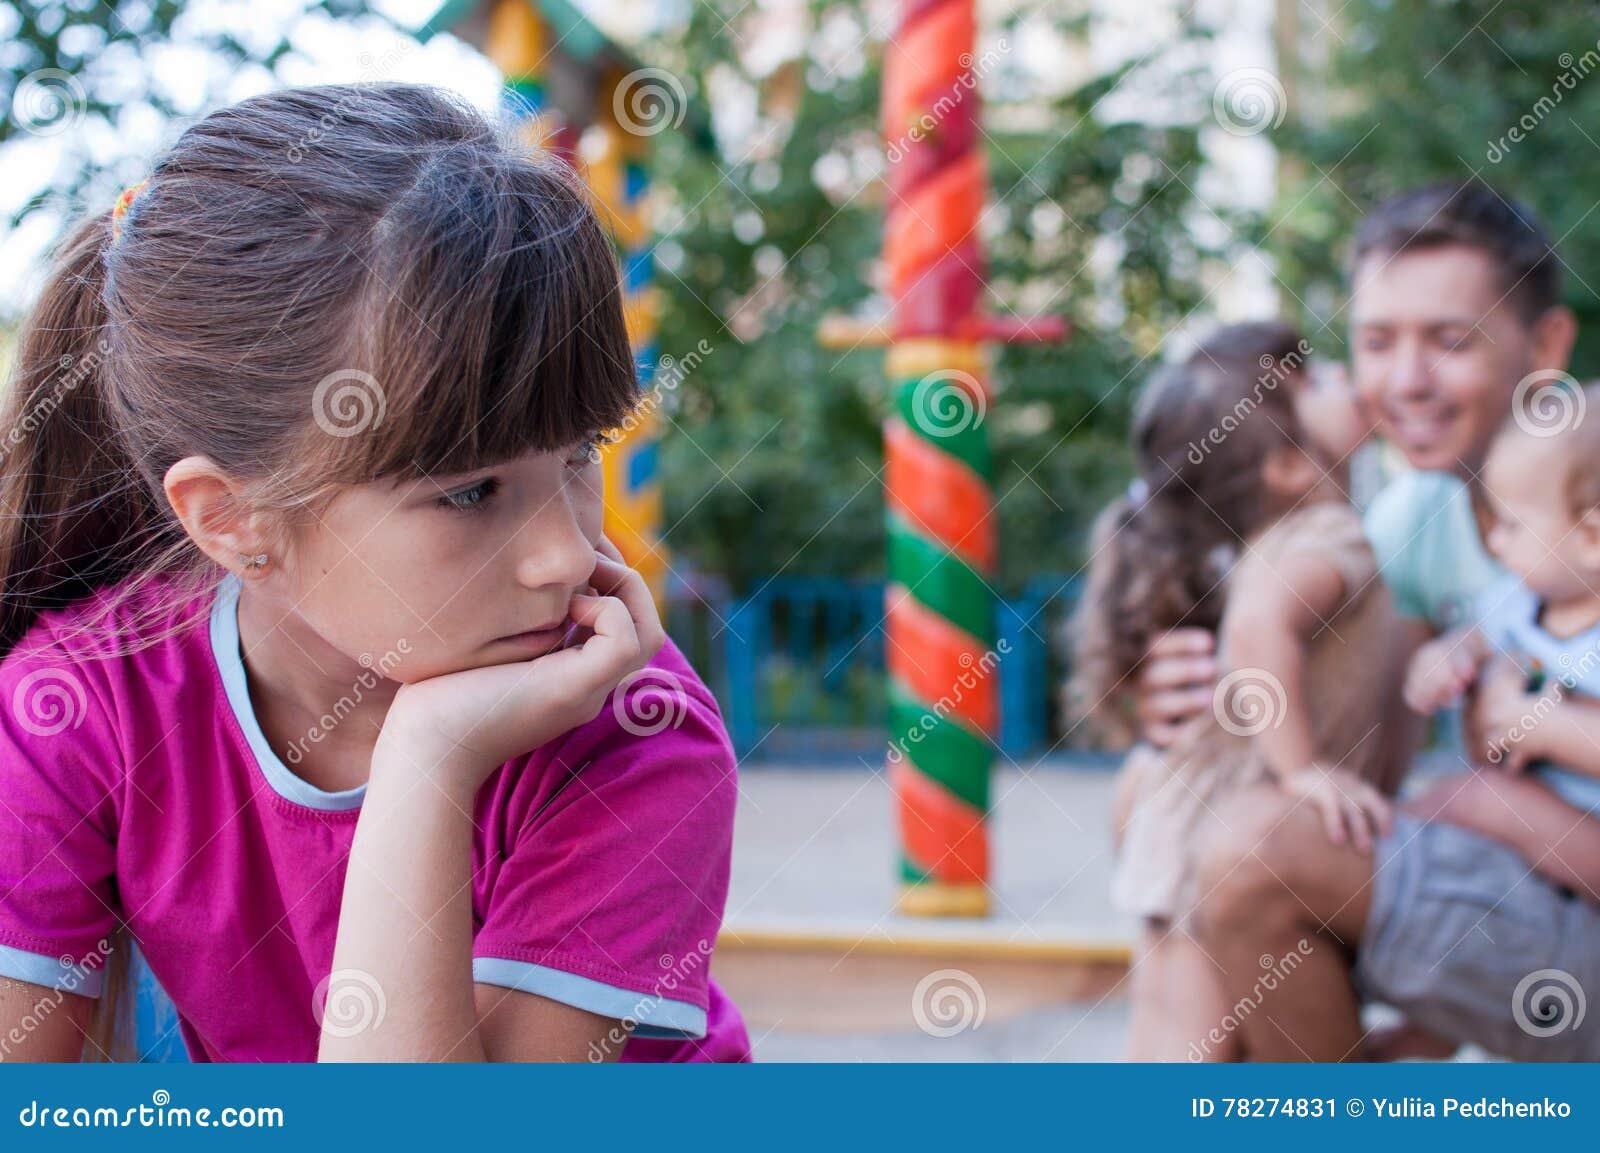 ragazza adolescente che esce con suo padre sito di incontri di sindrome di Asperger